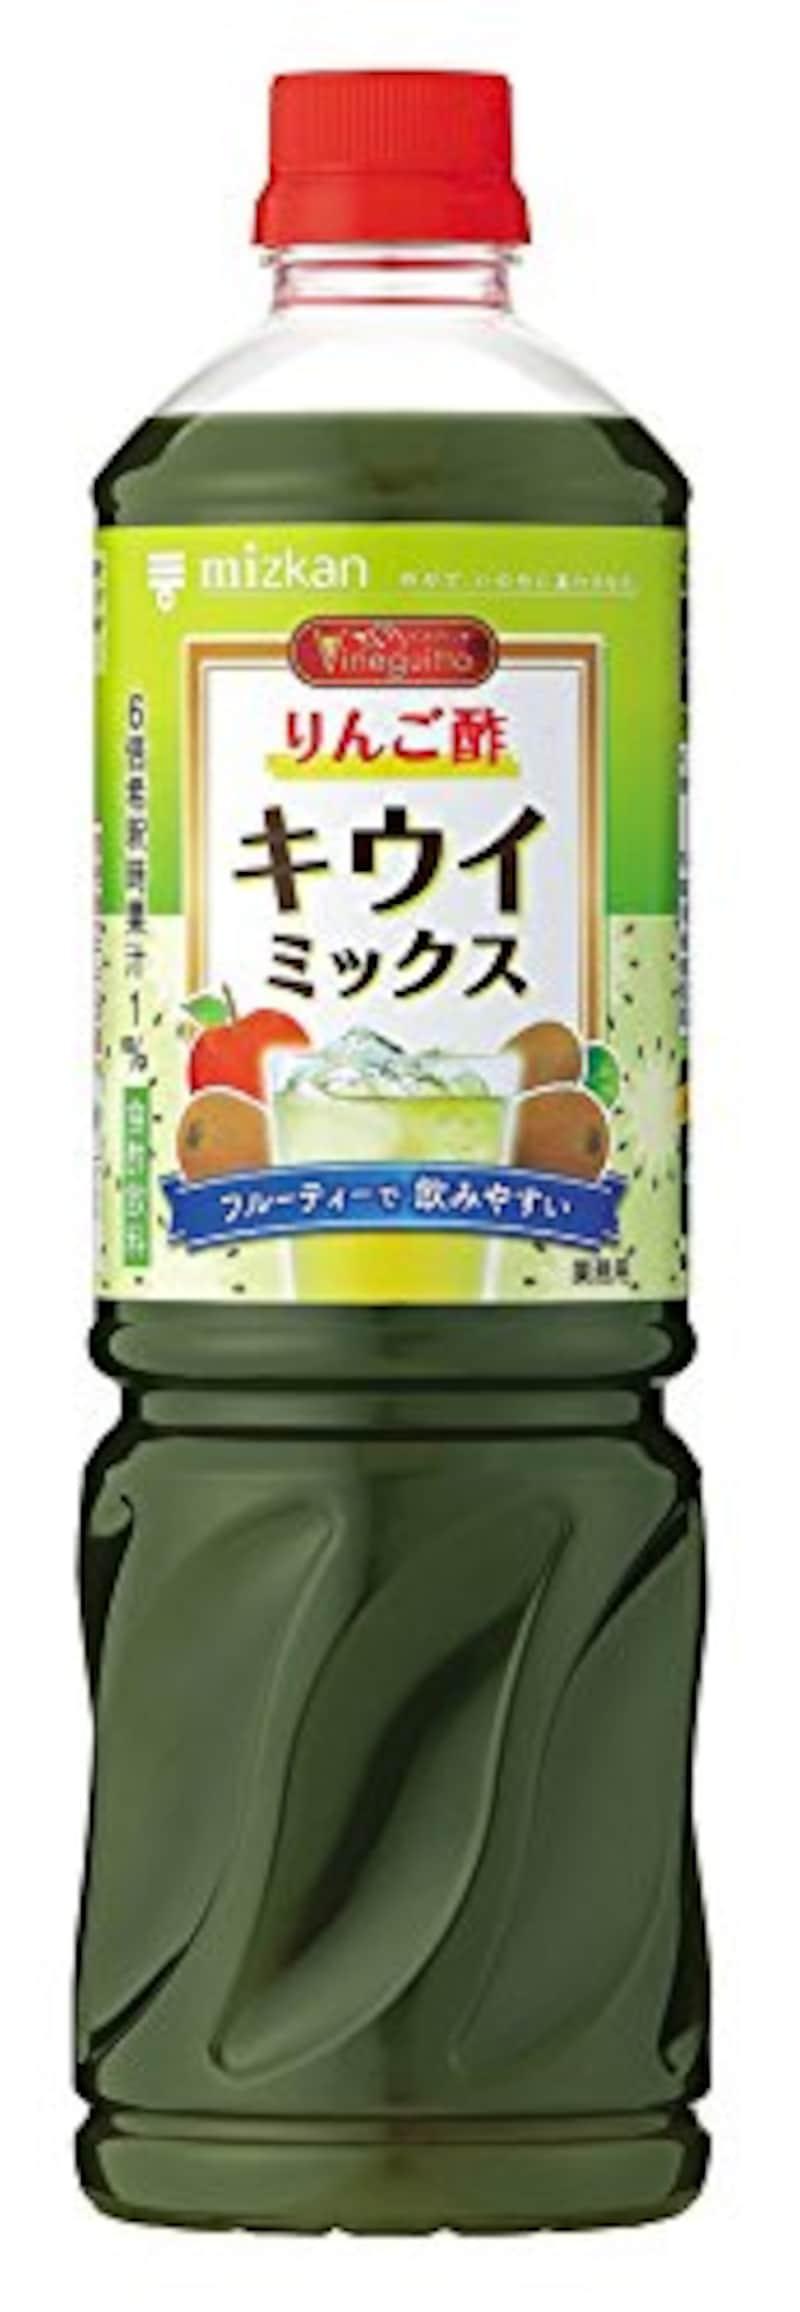 ミツカン,ビネグイット りんご酢キウイミックス